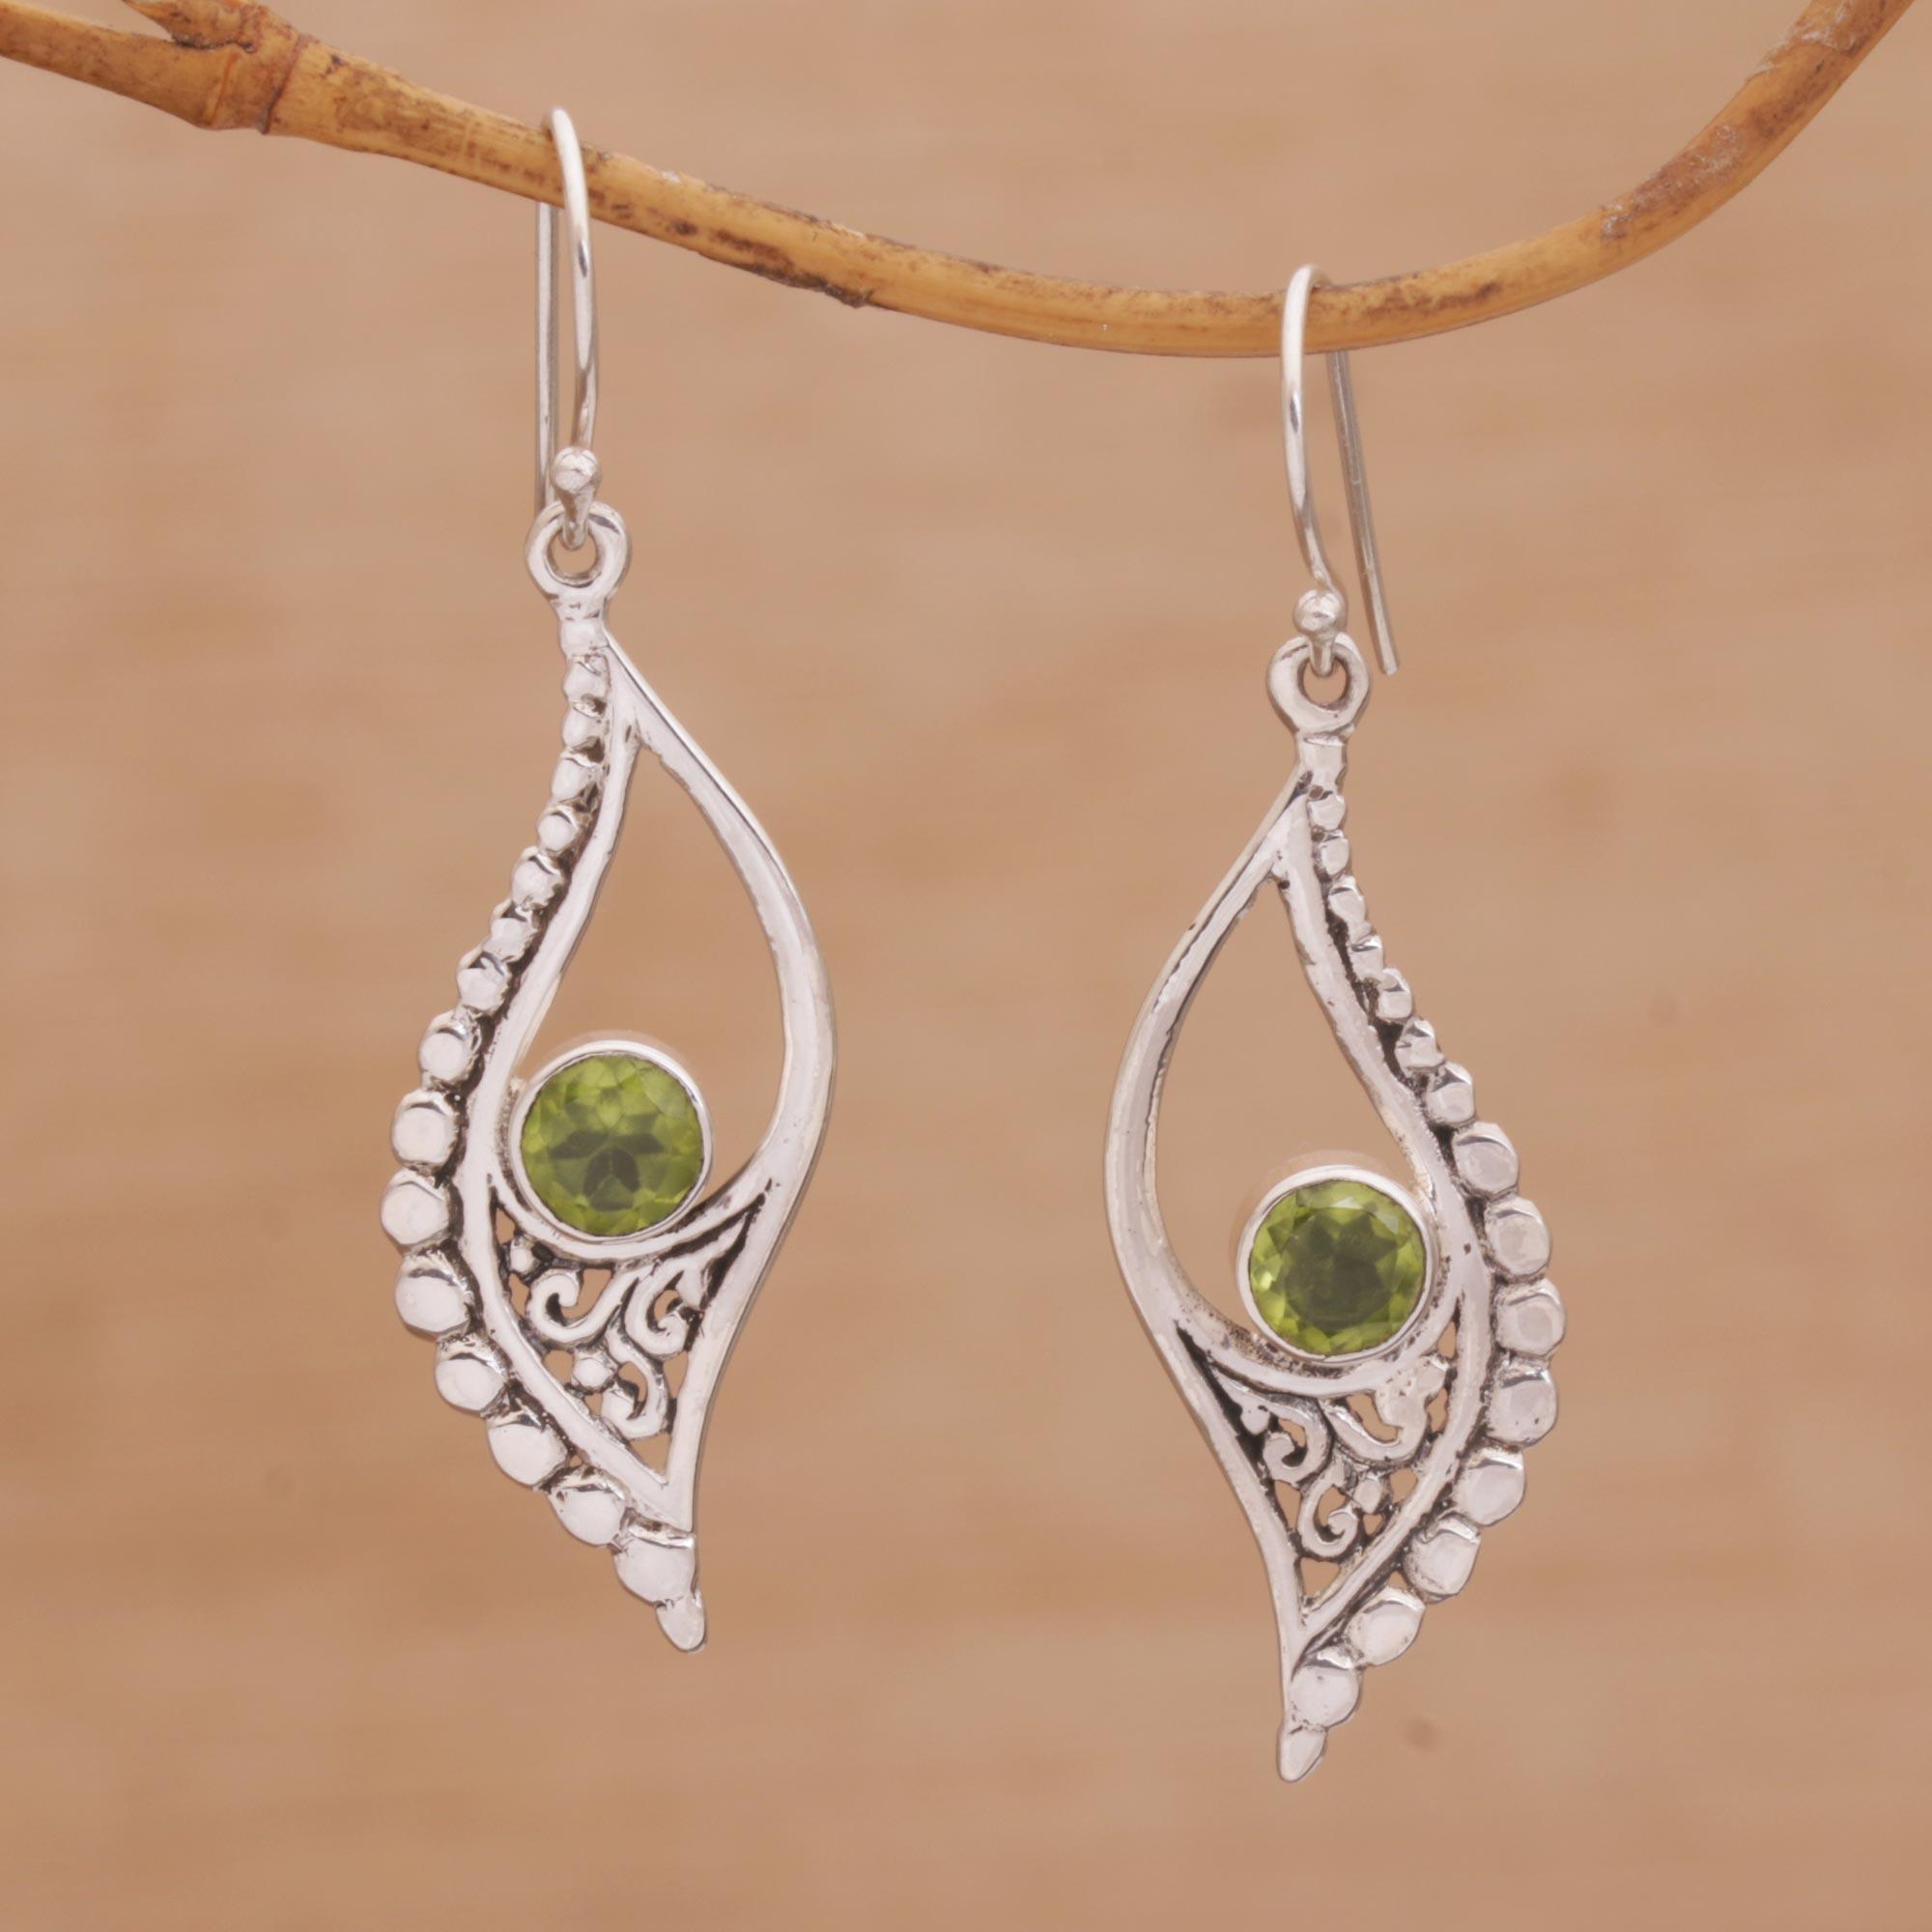 silver earrings textured earrings dangle earrings ear gifts for her sterling earrings SAIL EARRINGS printed earrings shiny earrings